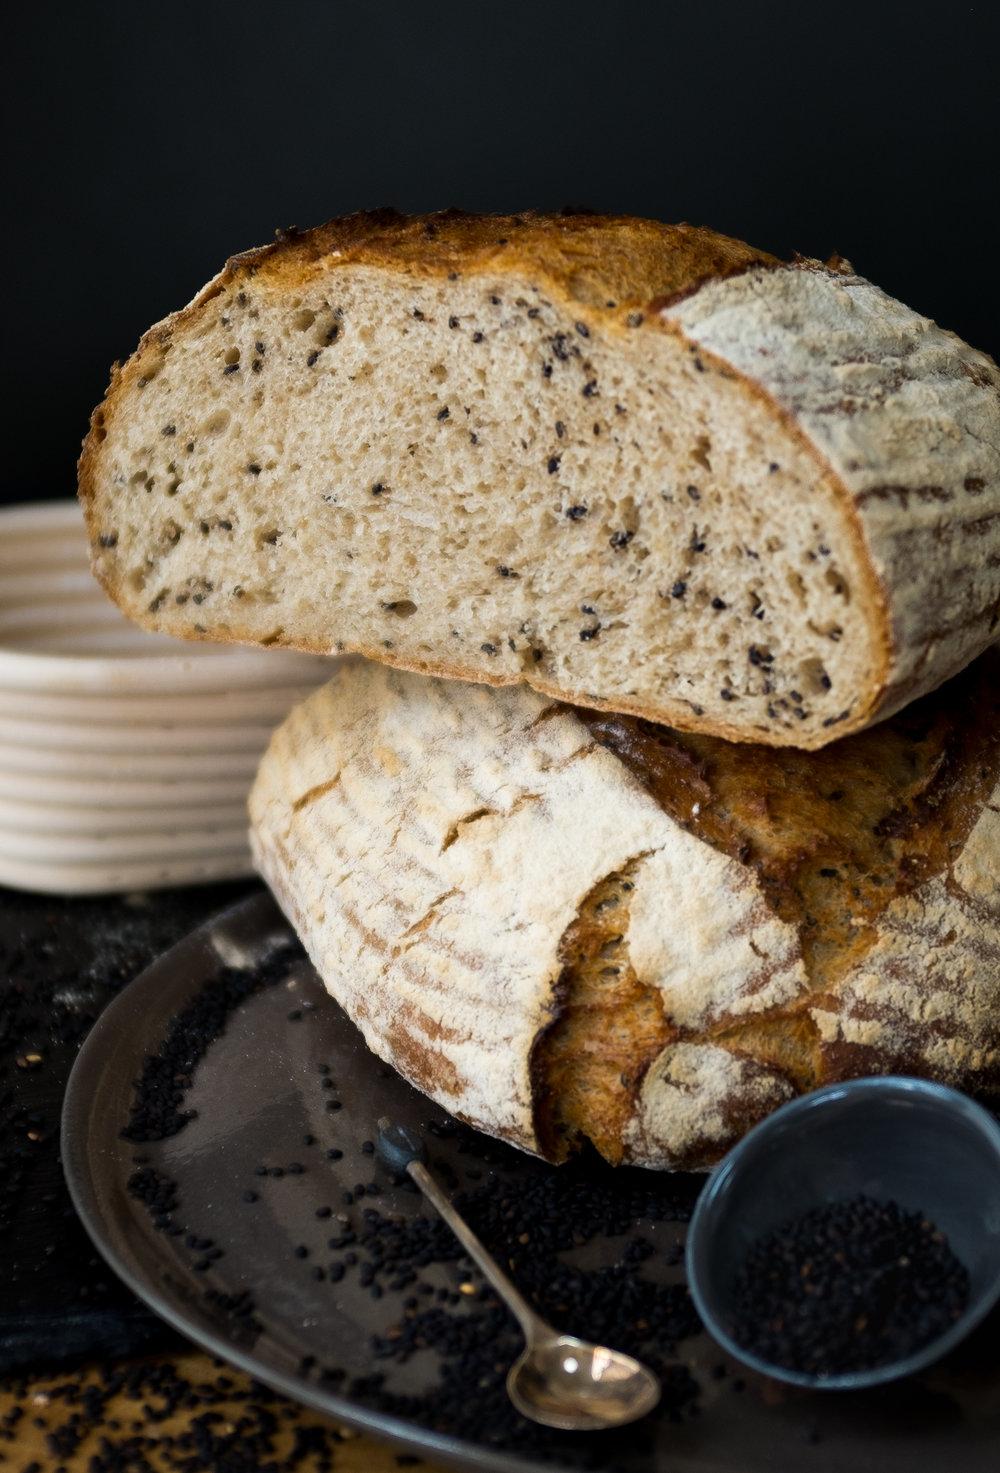 Black Sesame Khorasan Loaf sliced